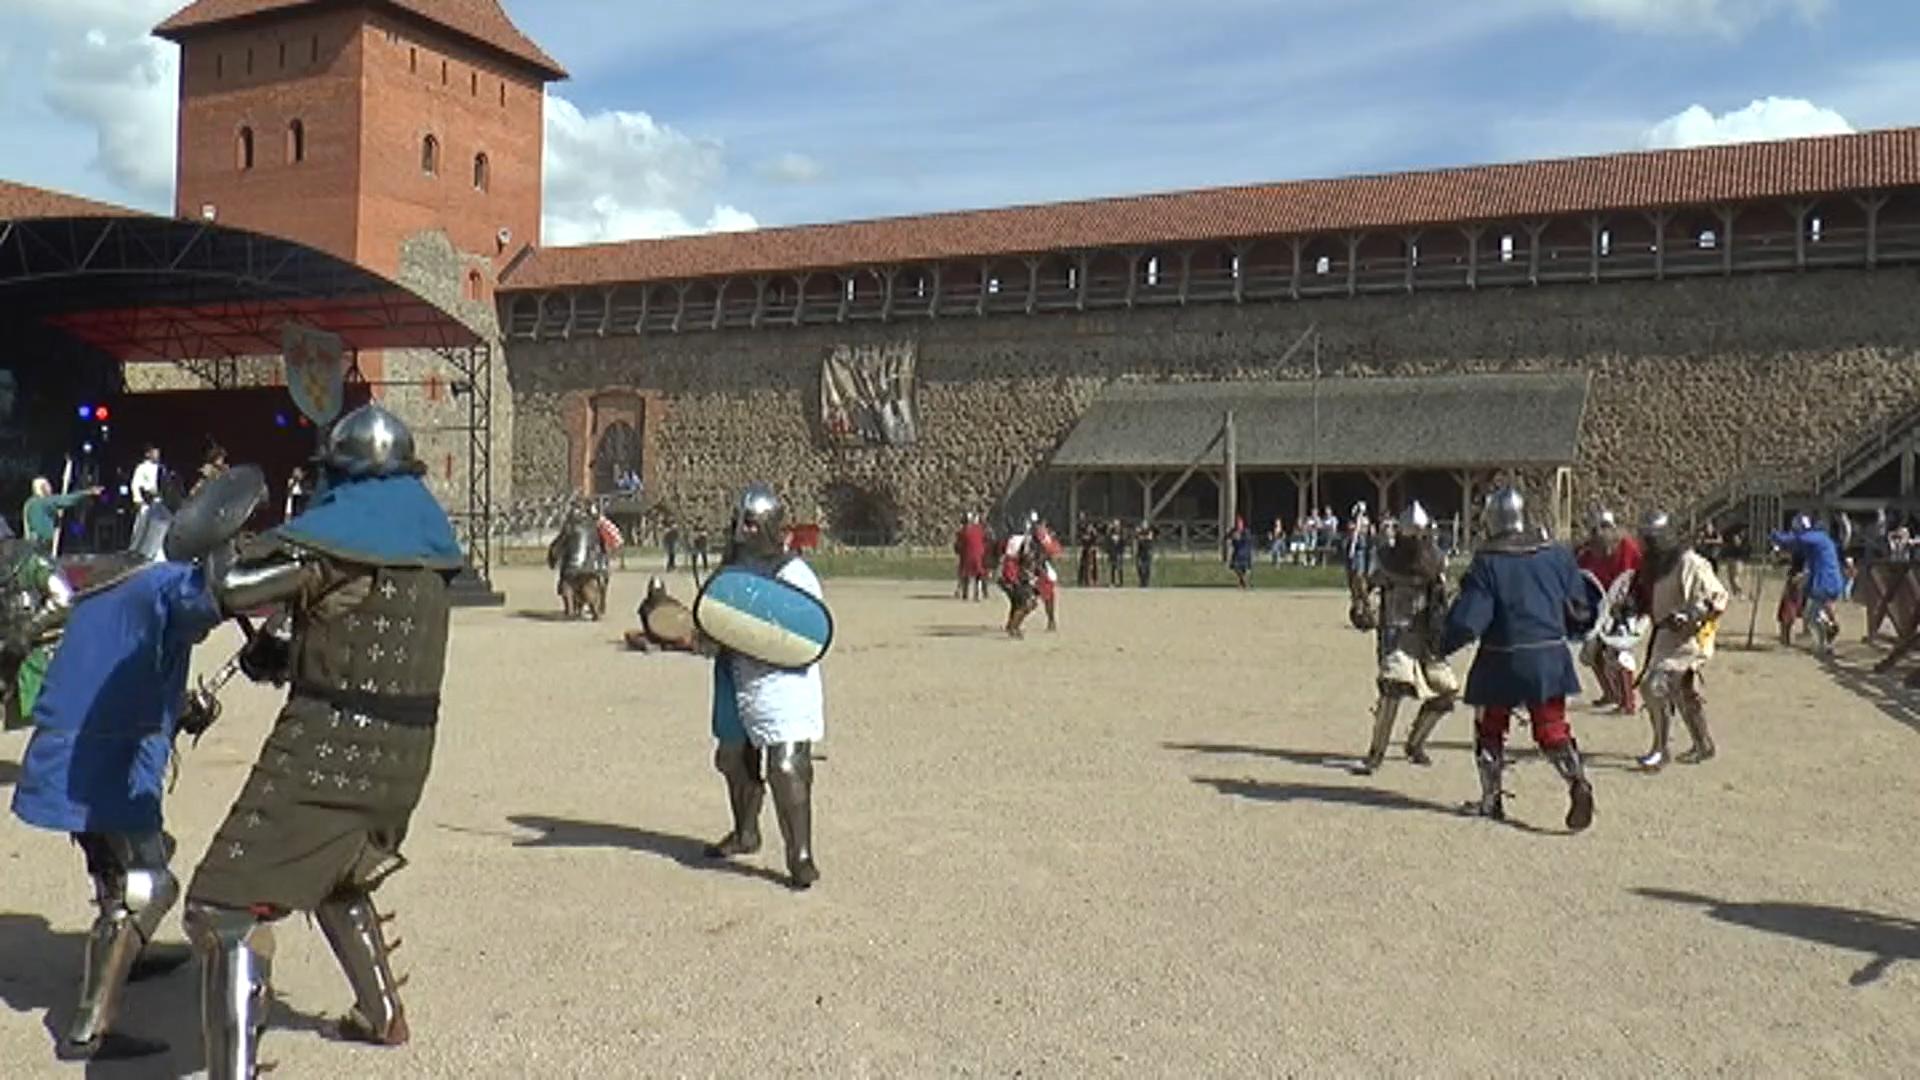 Рыцарский турнир «Меч Лидского замка» состоится в следующую субботу, 1 августа, в нашем городе.